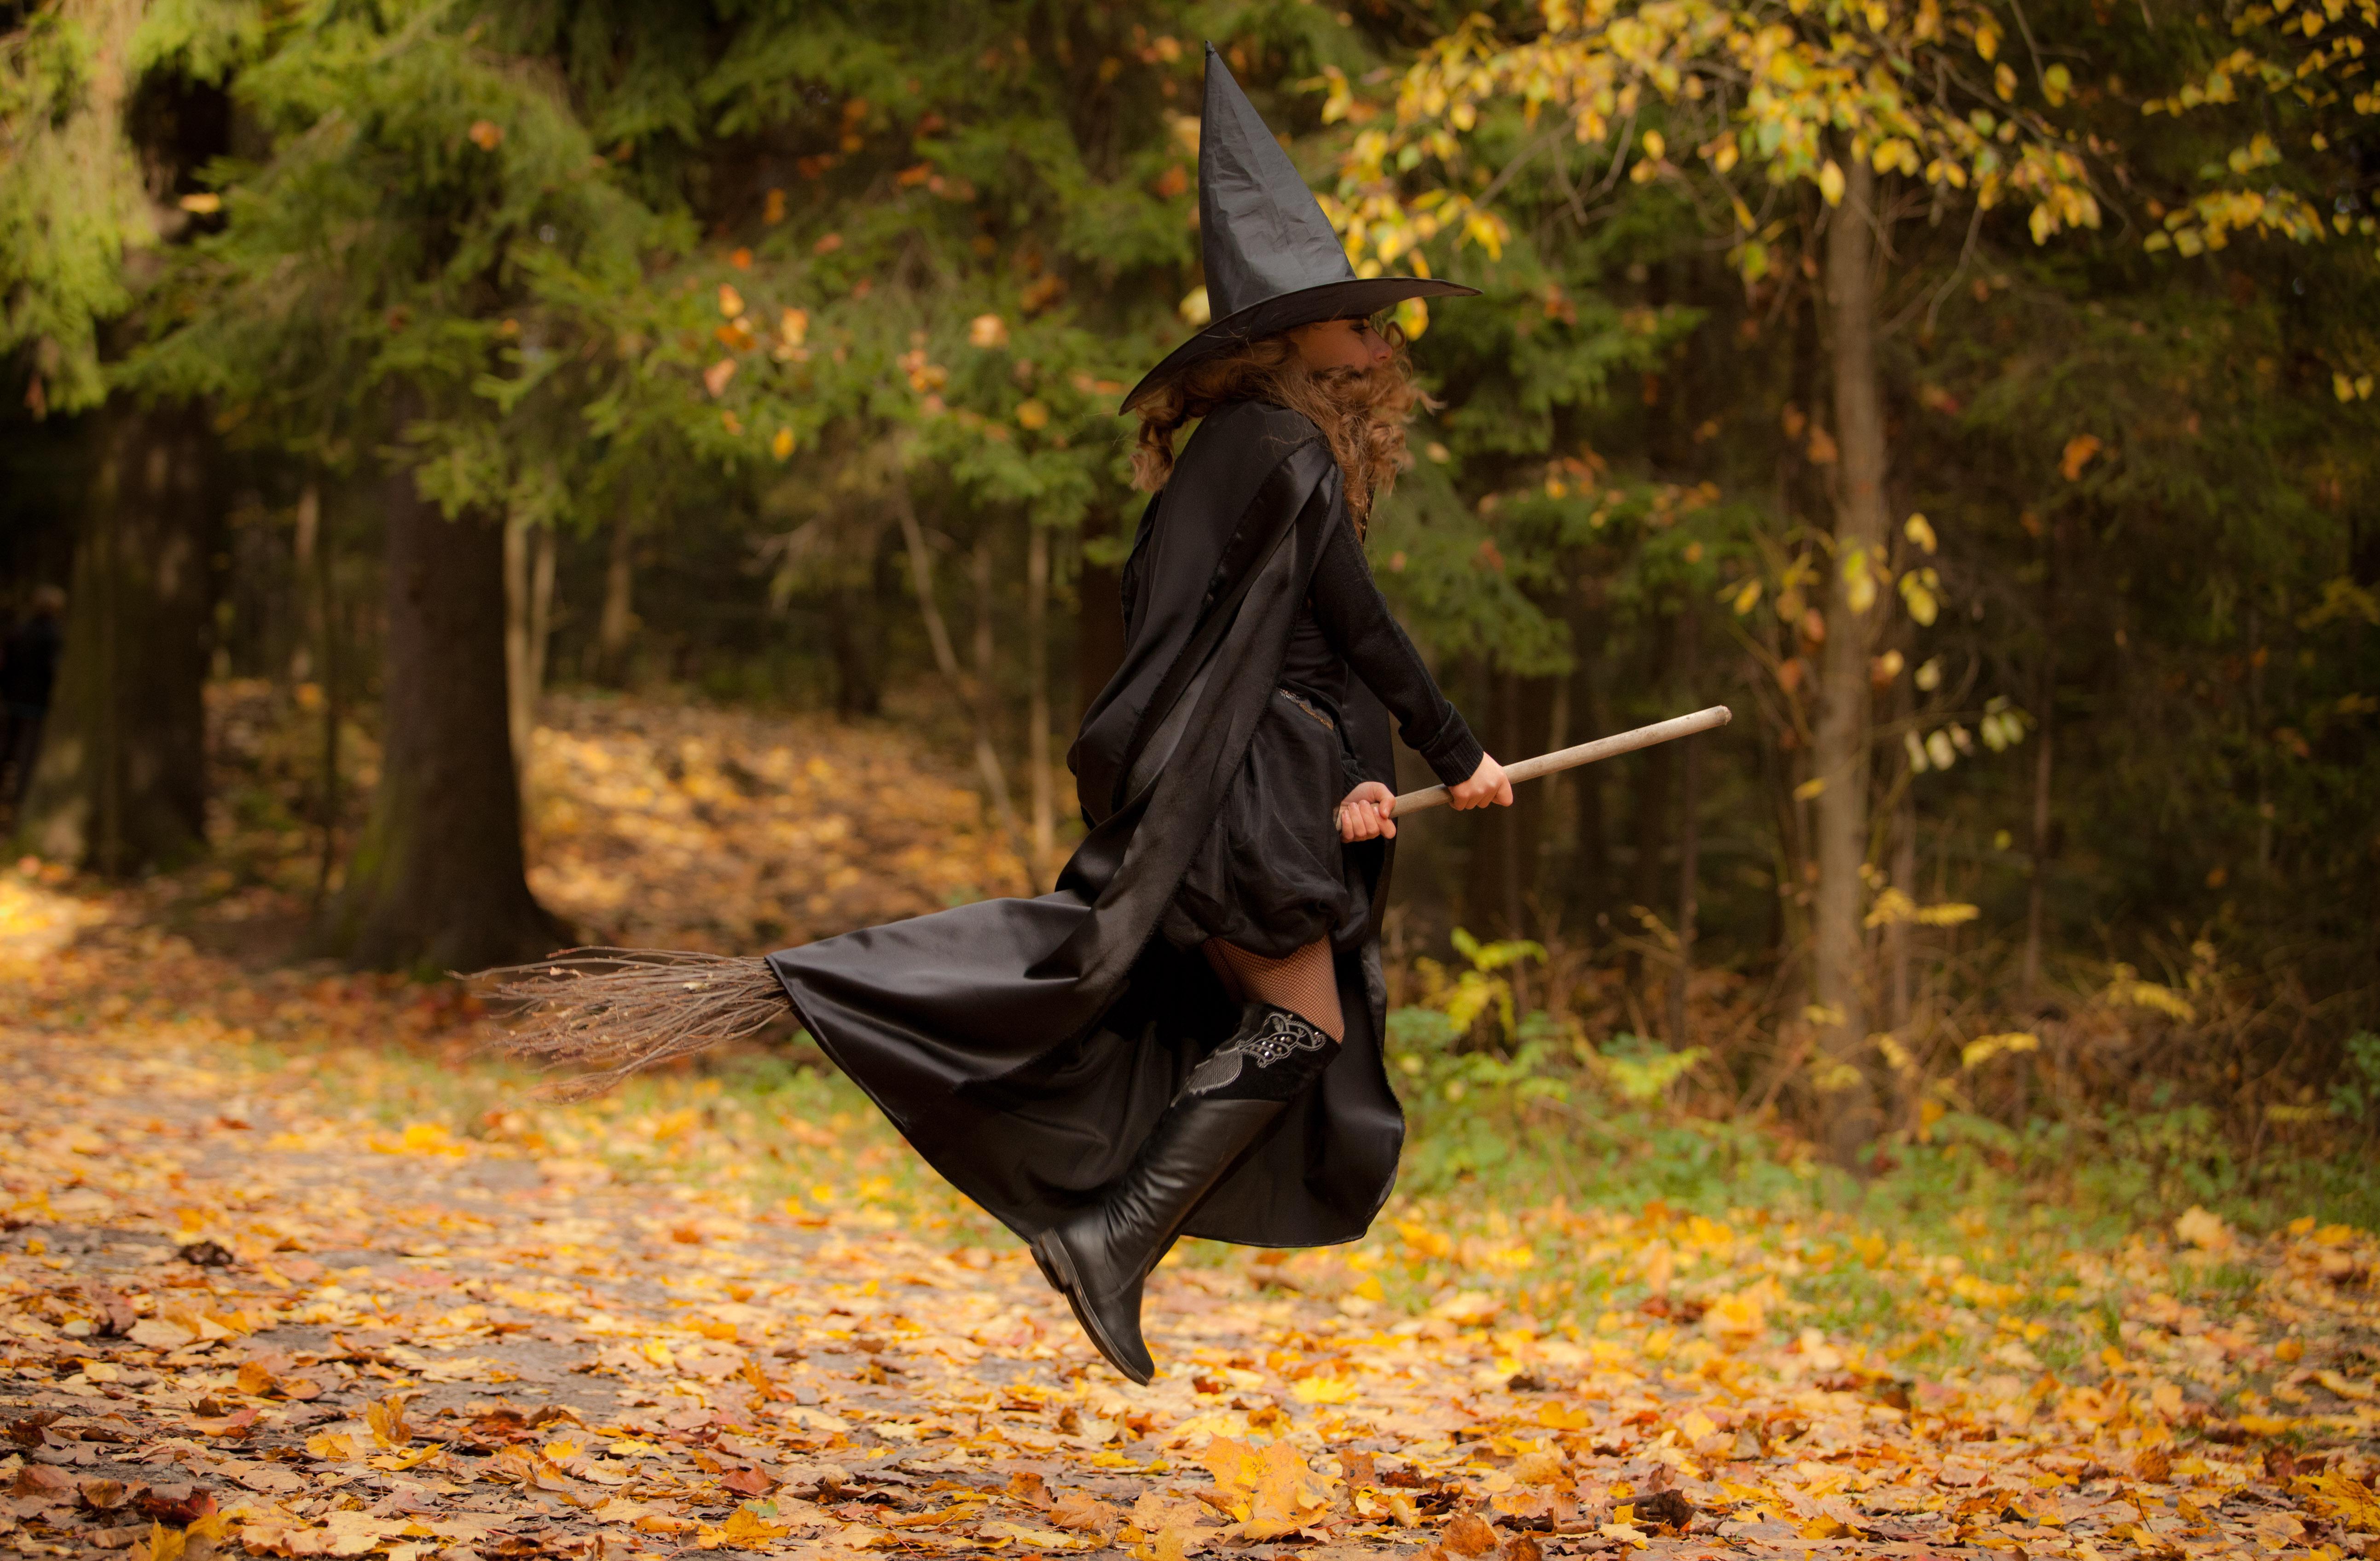 ведьма разводит на фото студенты второго уровня